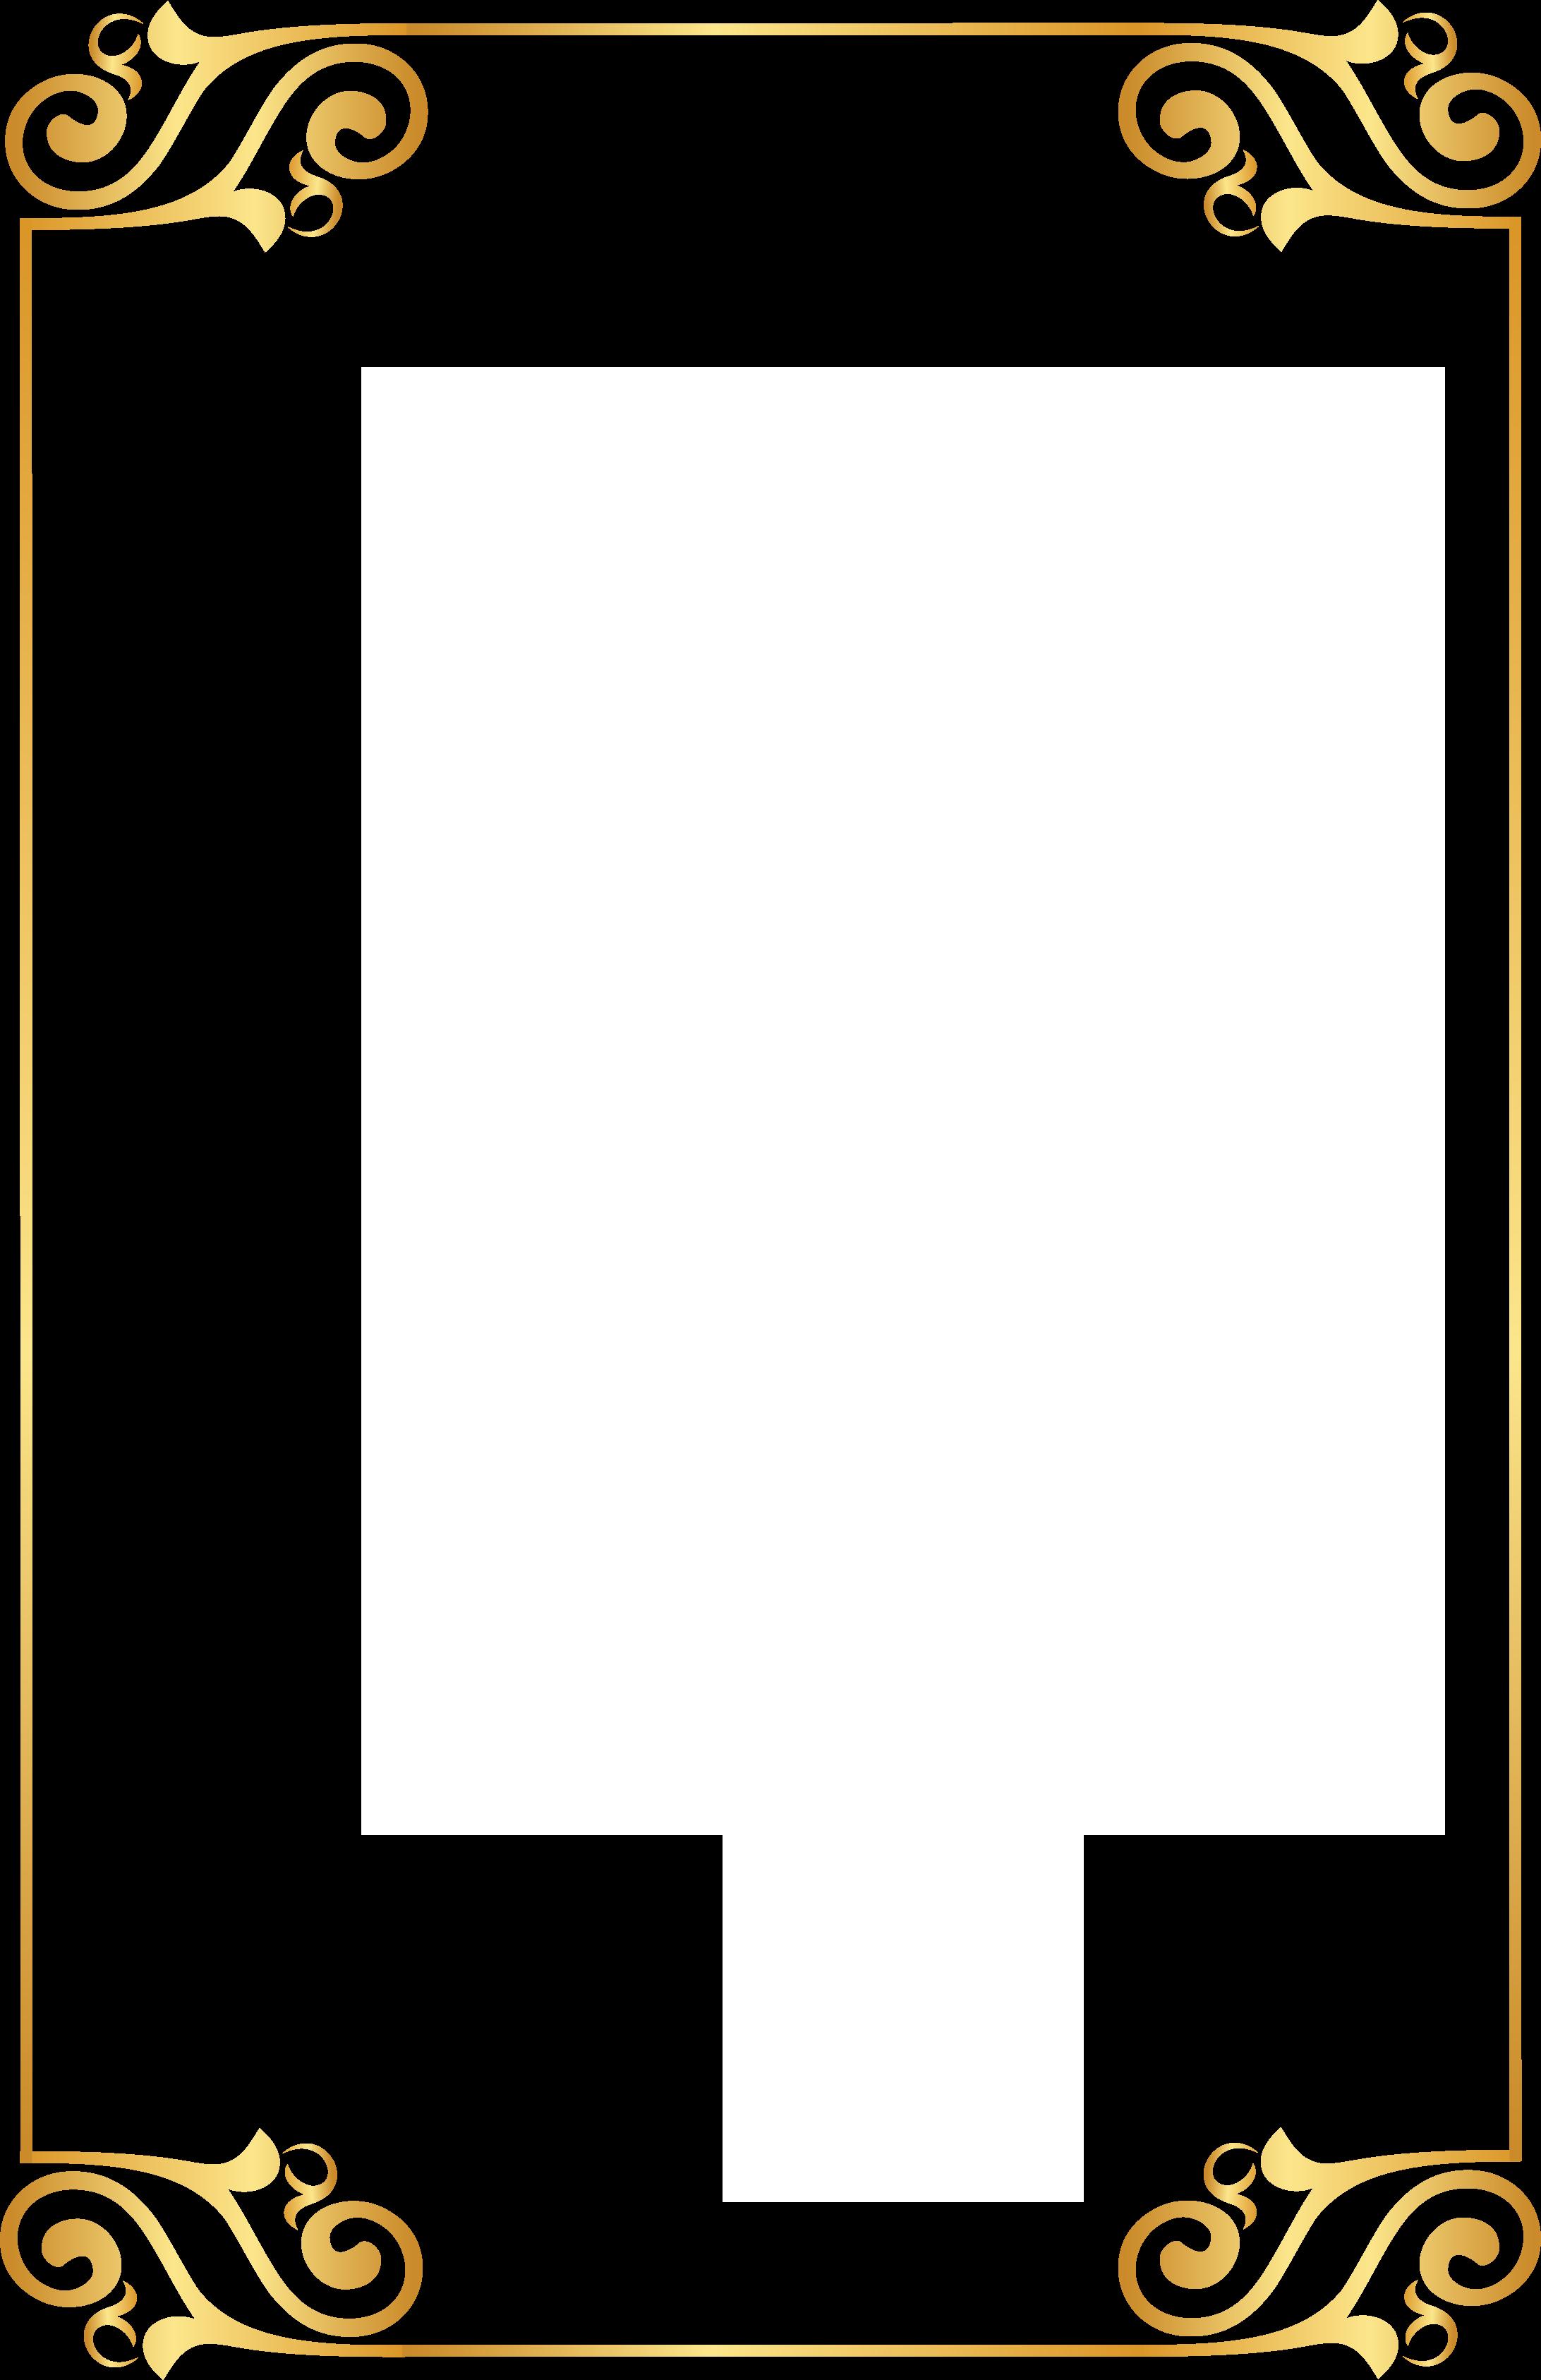 Gold Pattern Frame Pattern 2184*3372 Transprent Png ...